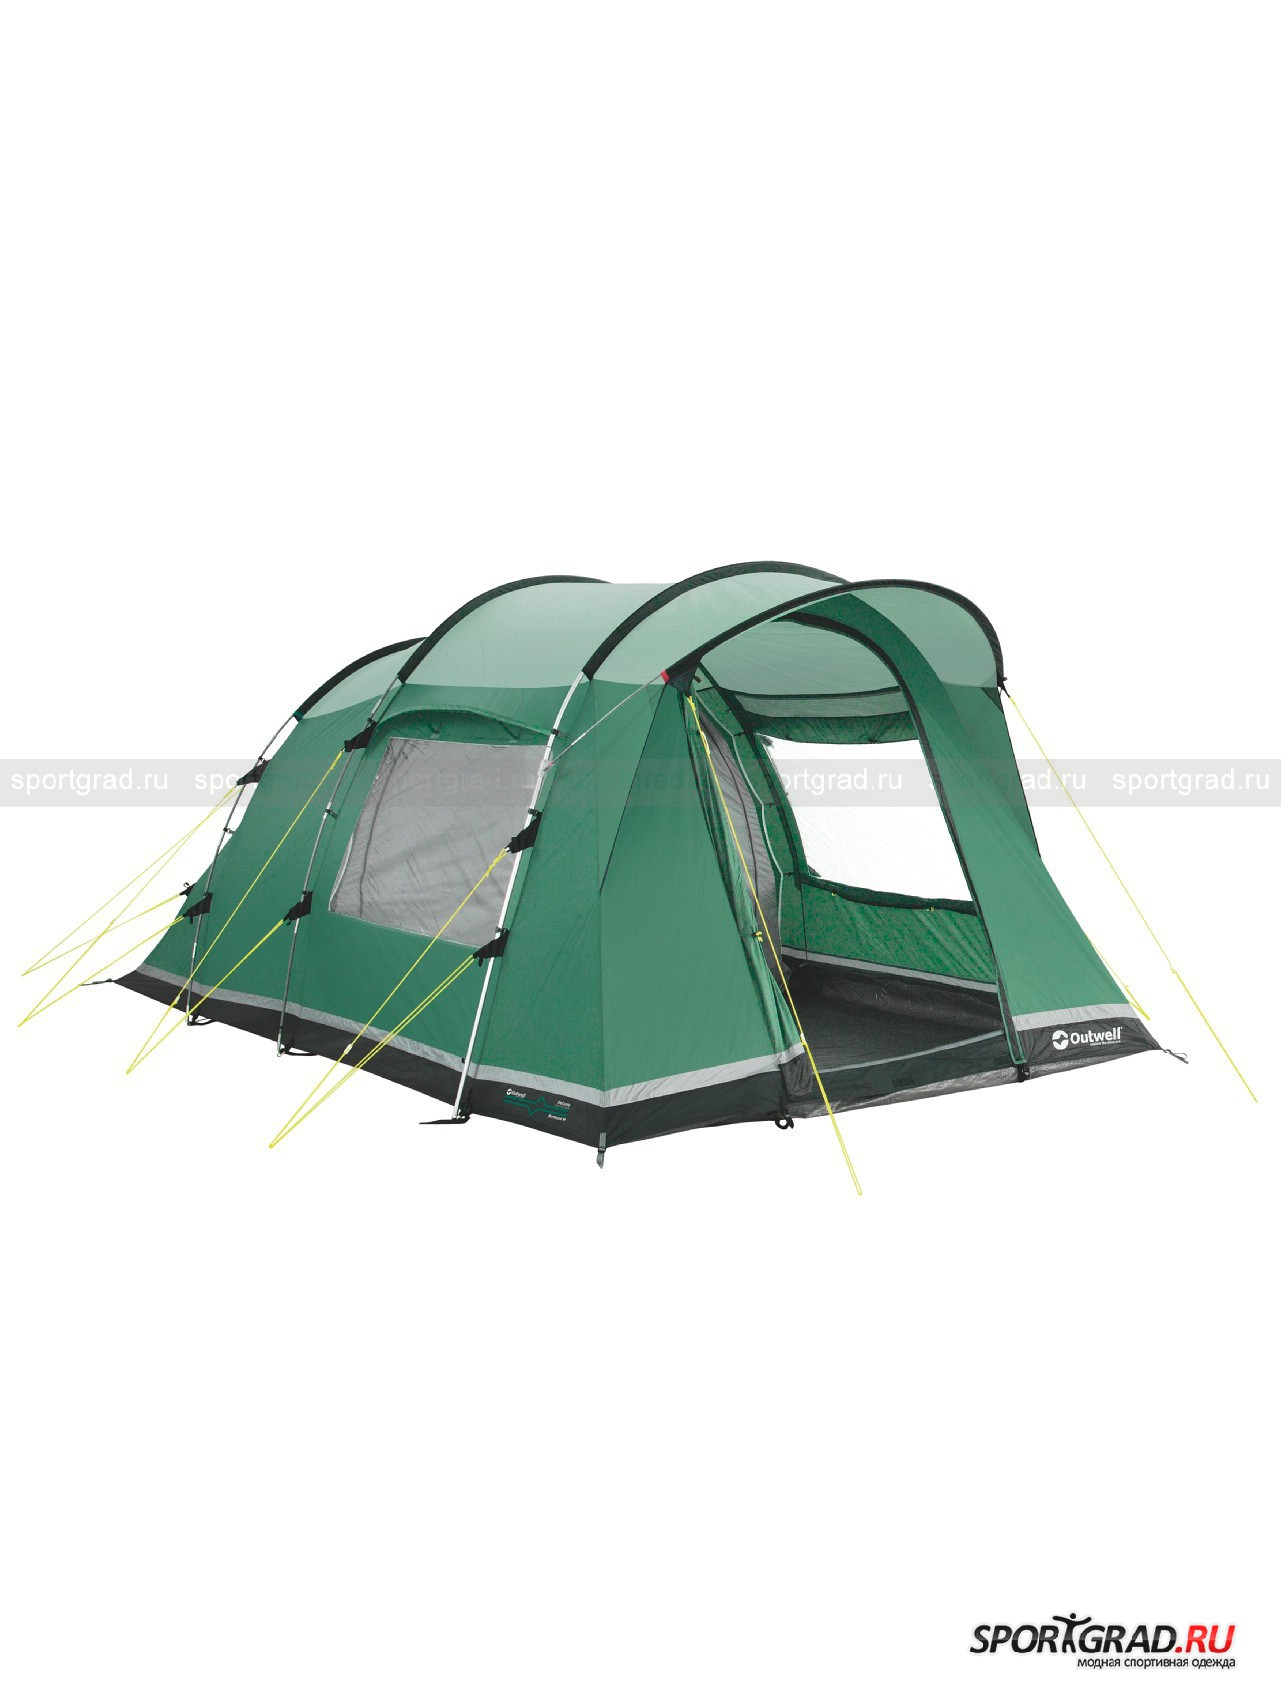 Палатка четырёхместная Birdland M Outwell